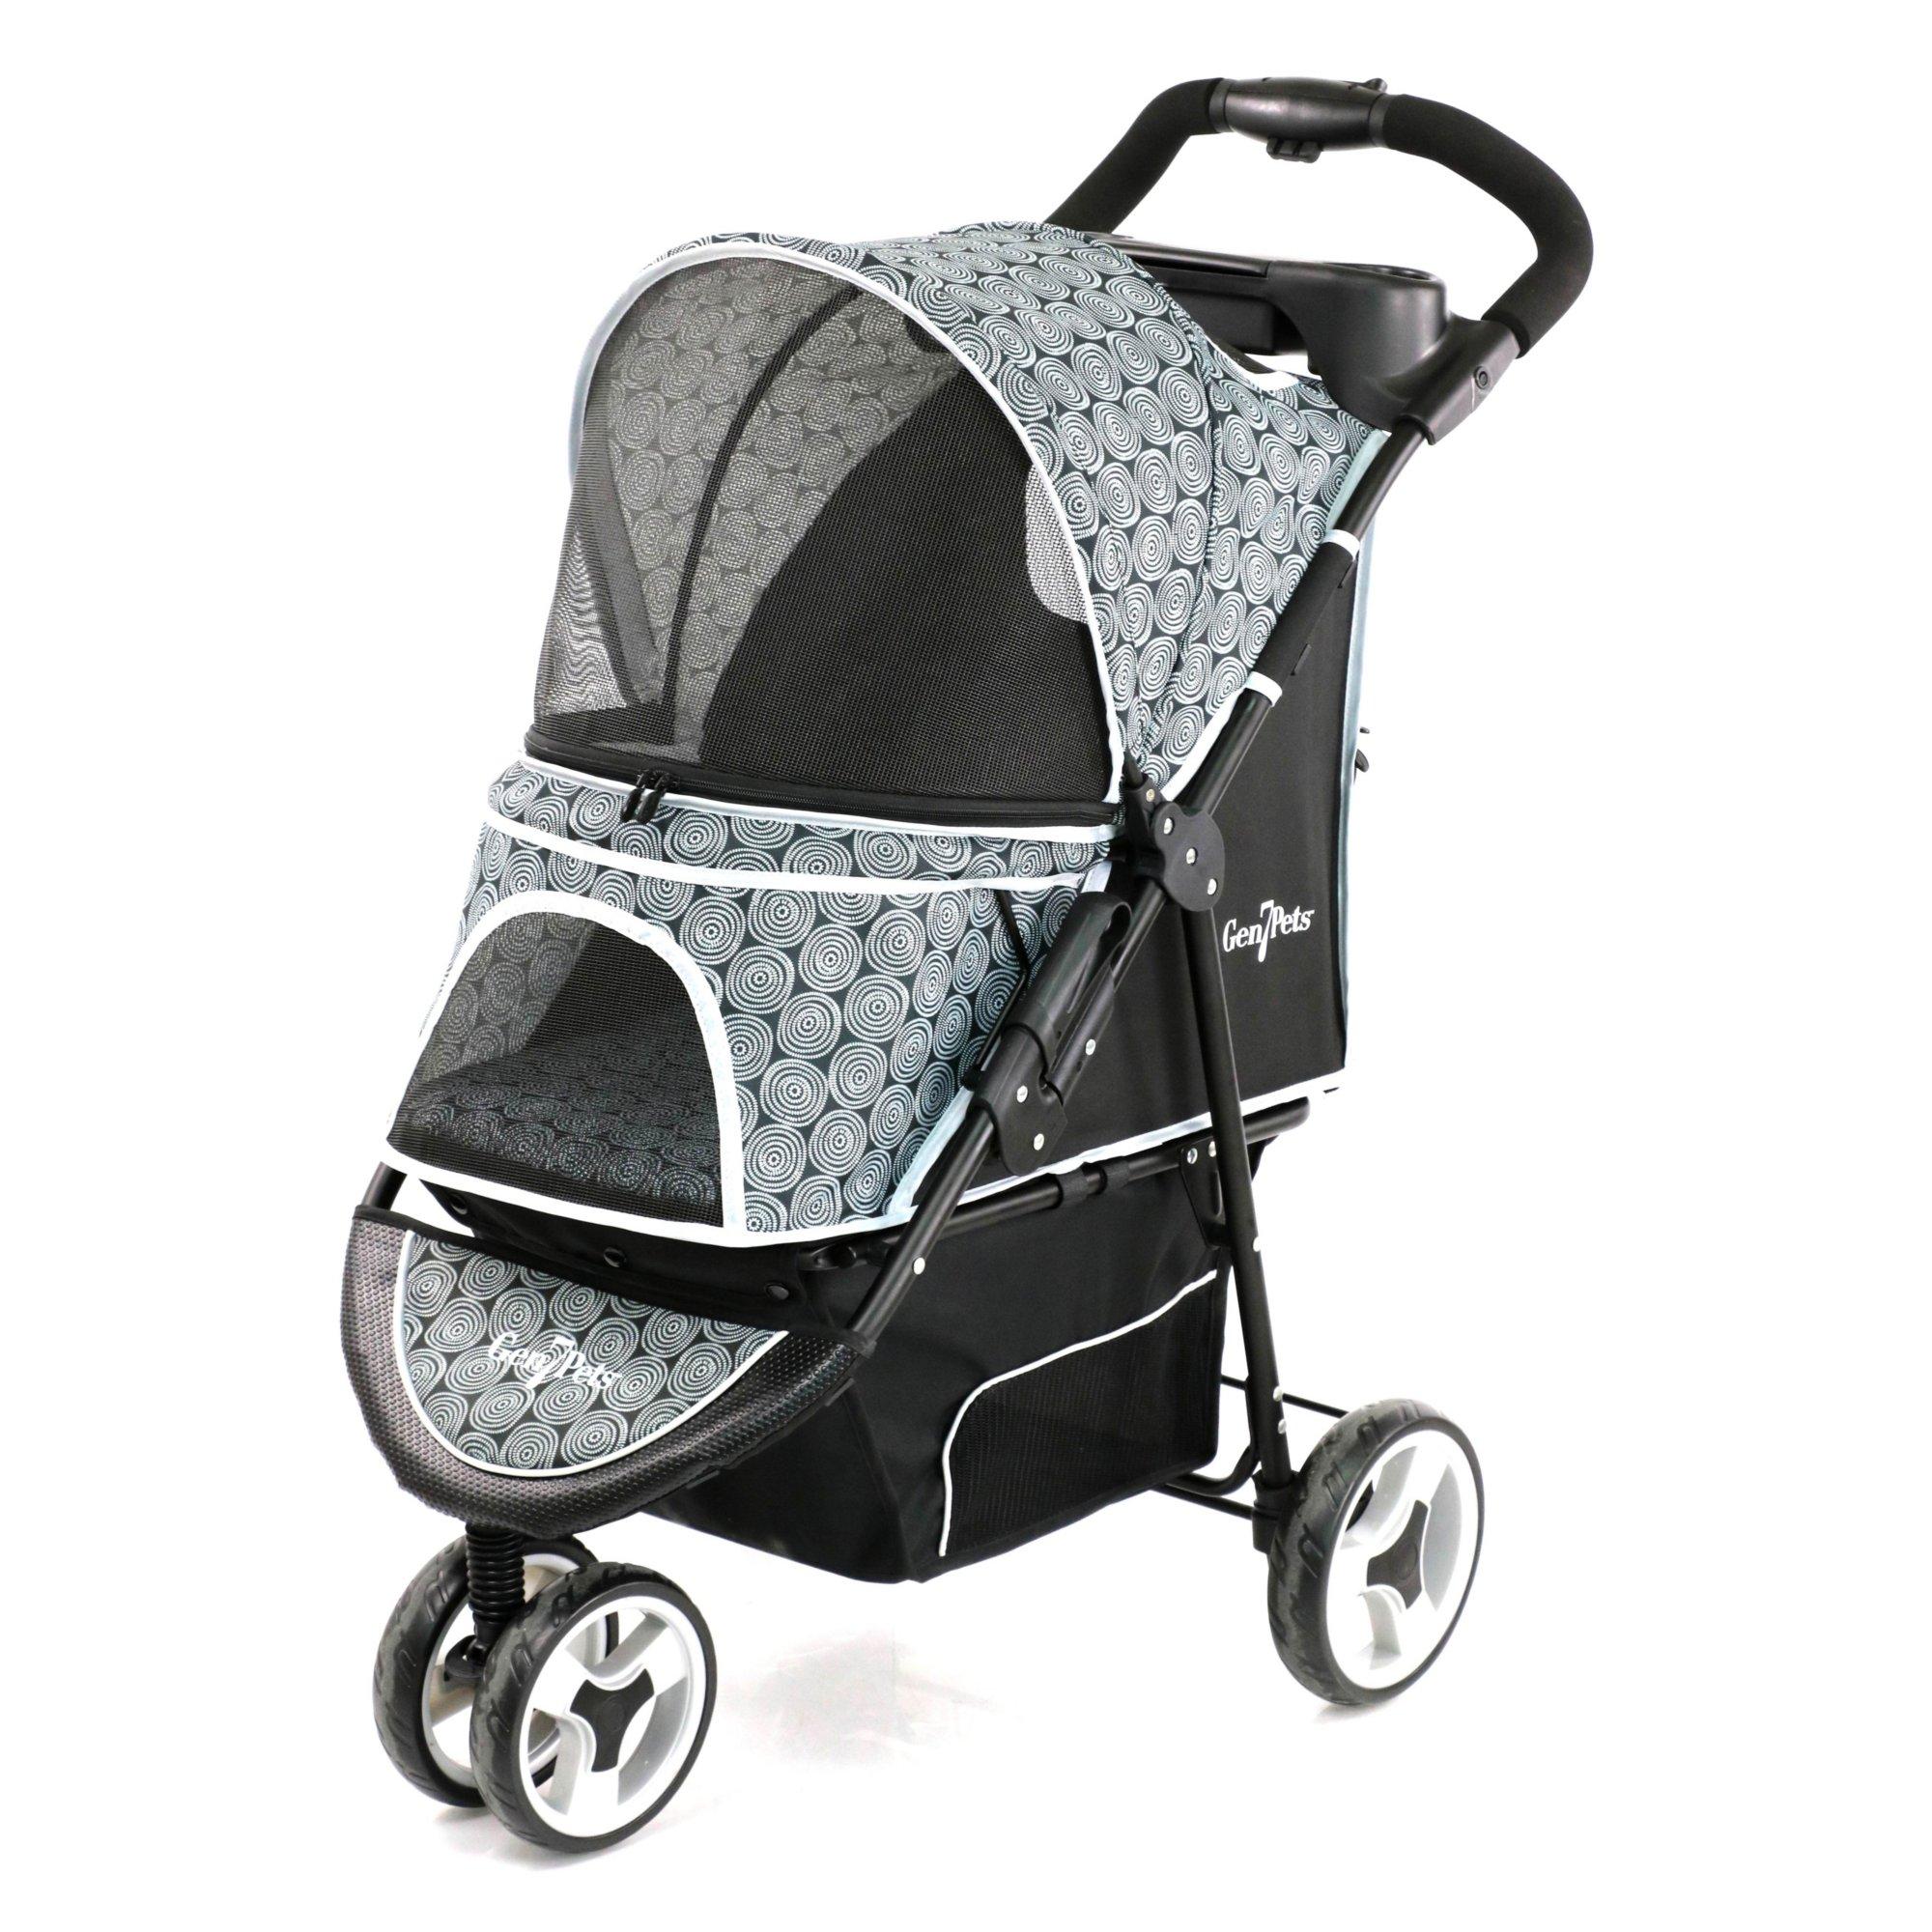 Gen7pets Promenade Pet Stroller Petco